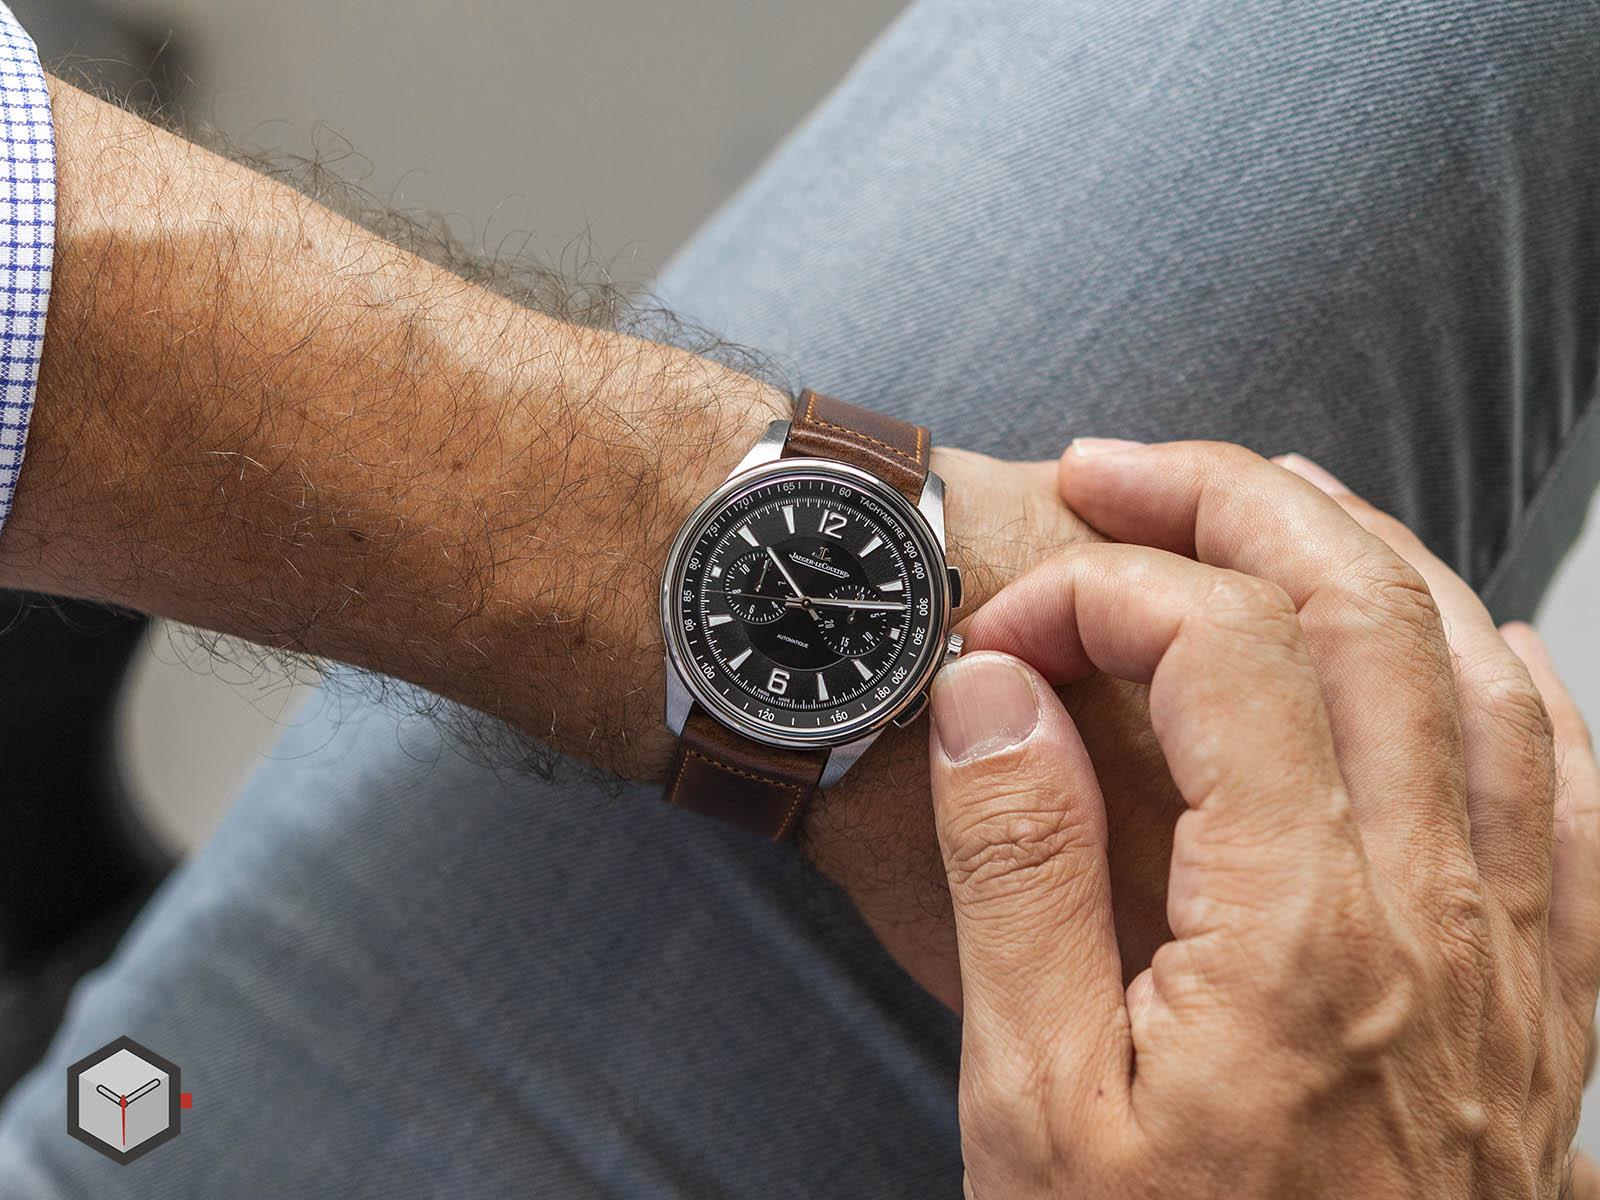 9028471-jaeger-lecoultre-polaris-chronograph-stainless-steel-10.jpg